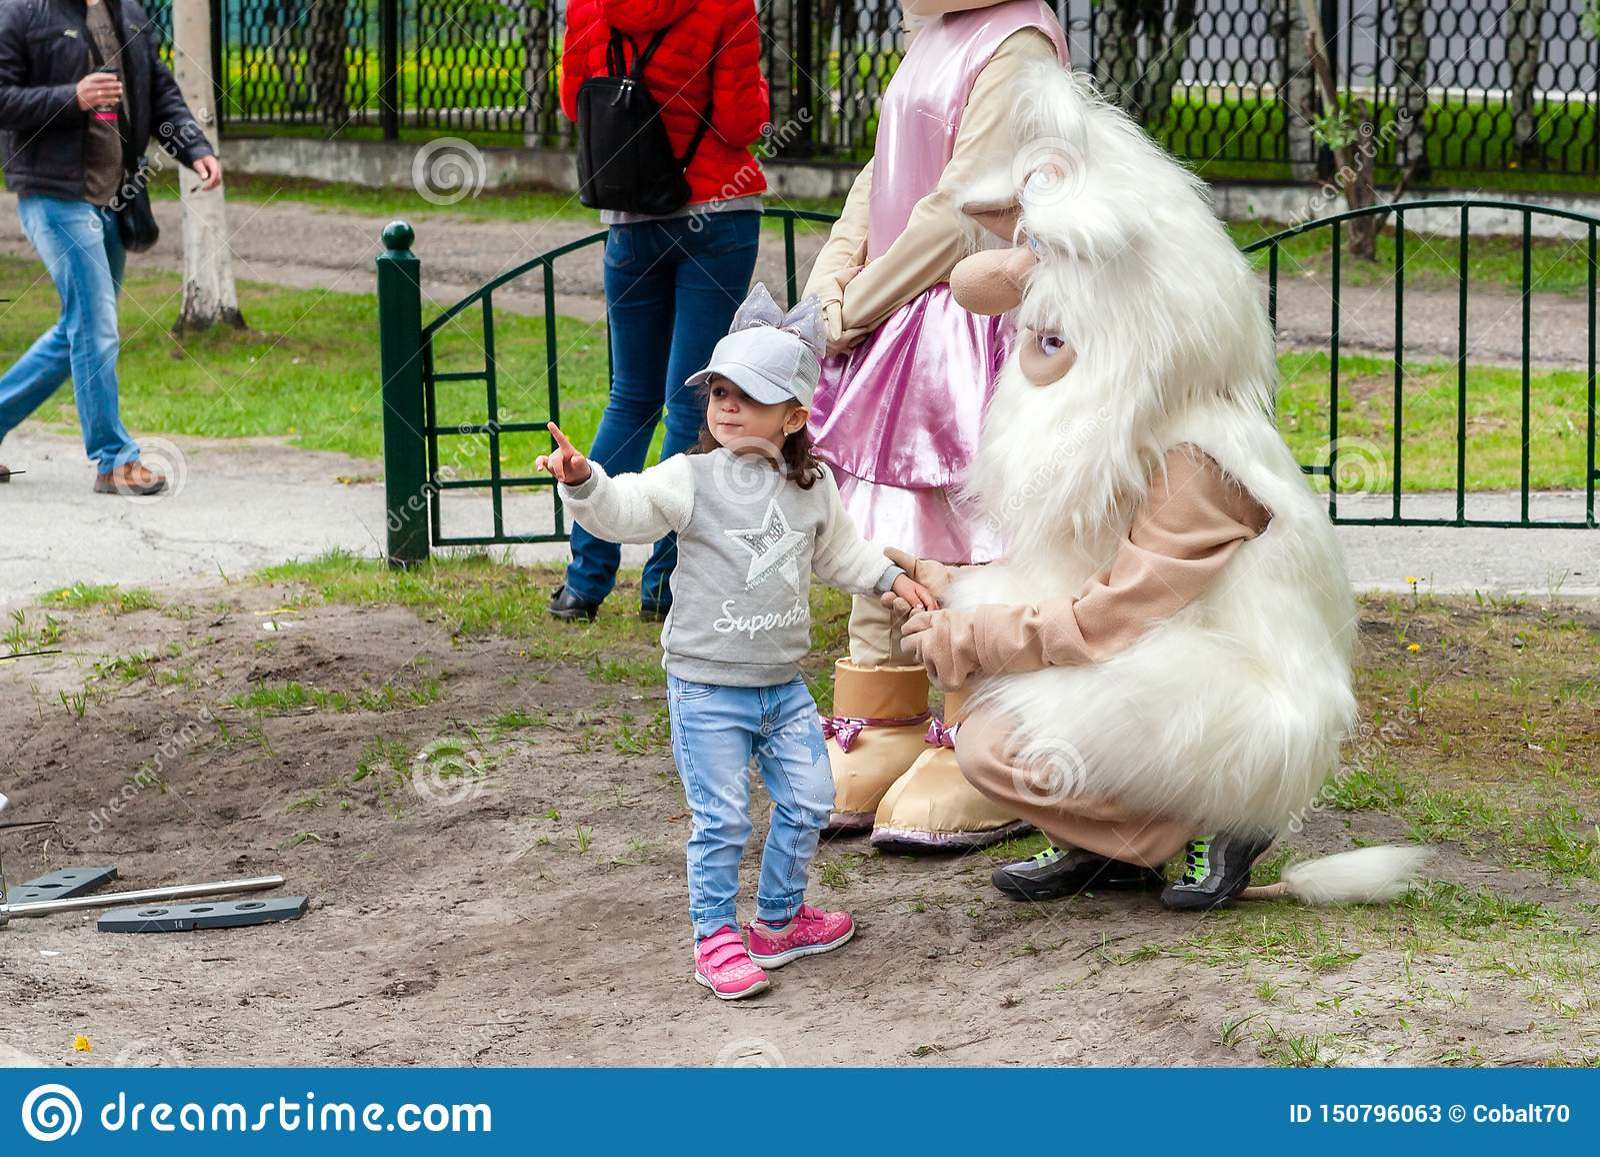 Una niña comunica con una muñeca de la estatura grande Buba el brownie